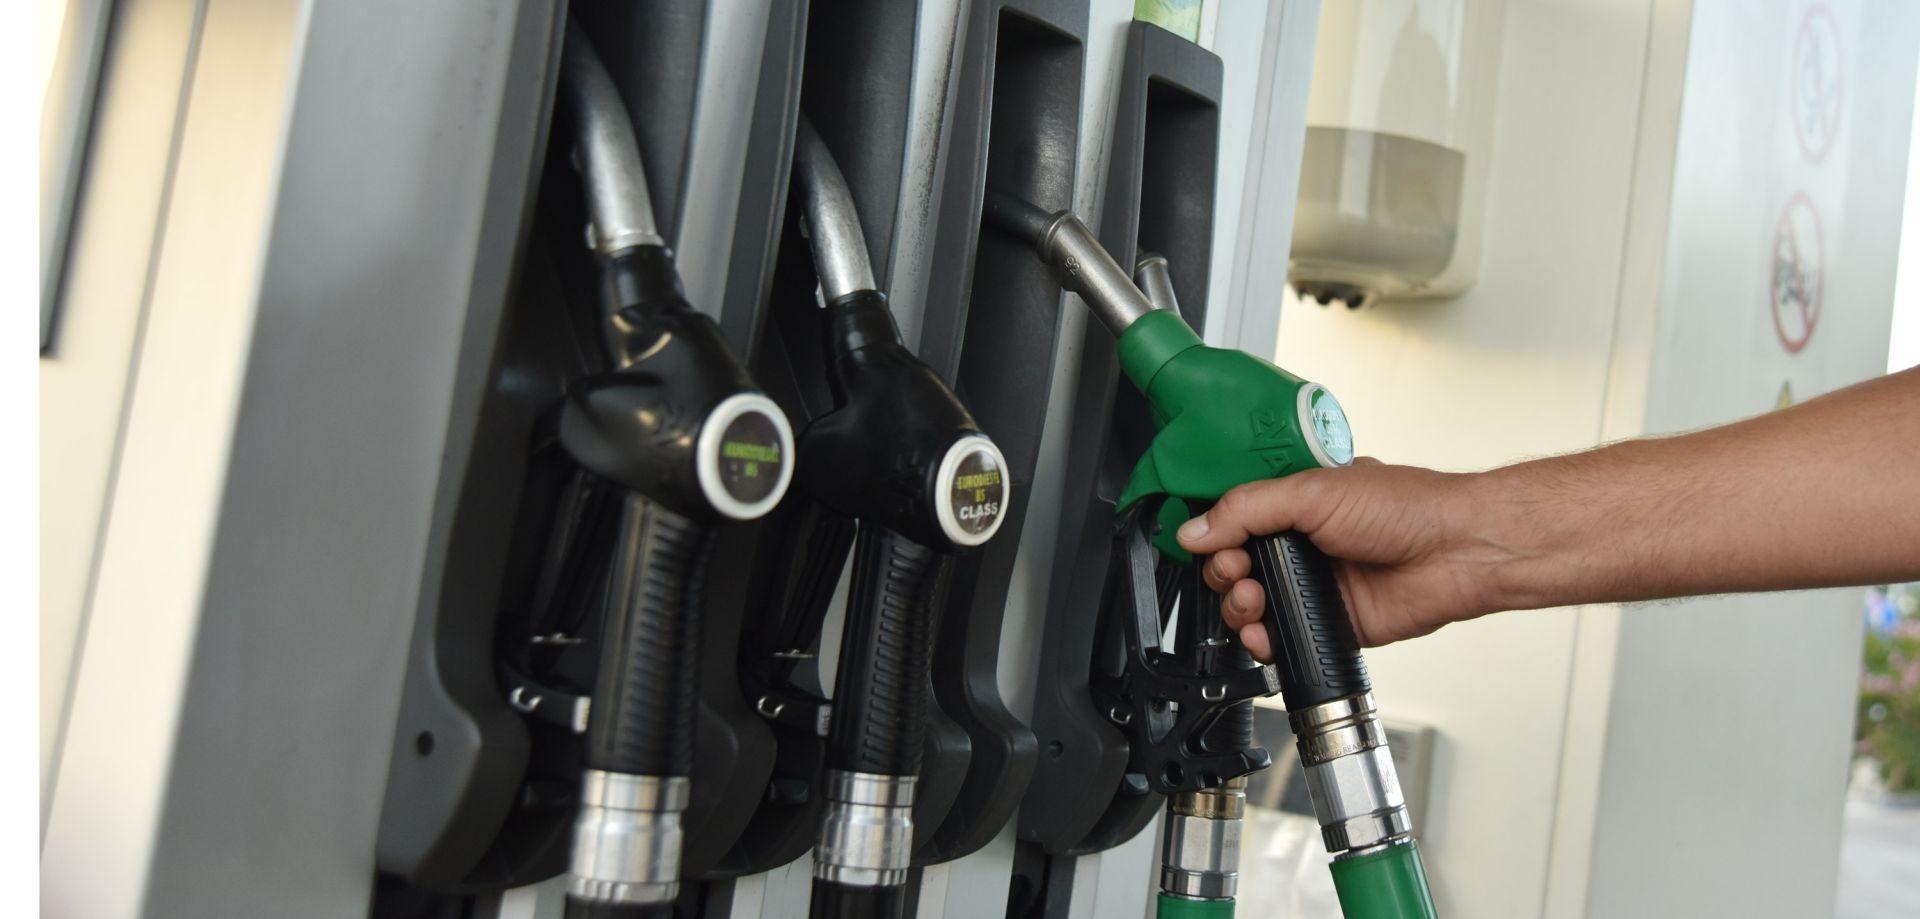 Cijene naftnih derivata porasle četvrti tjedan zaredom